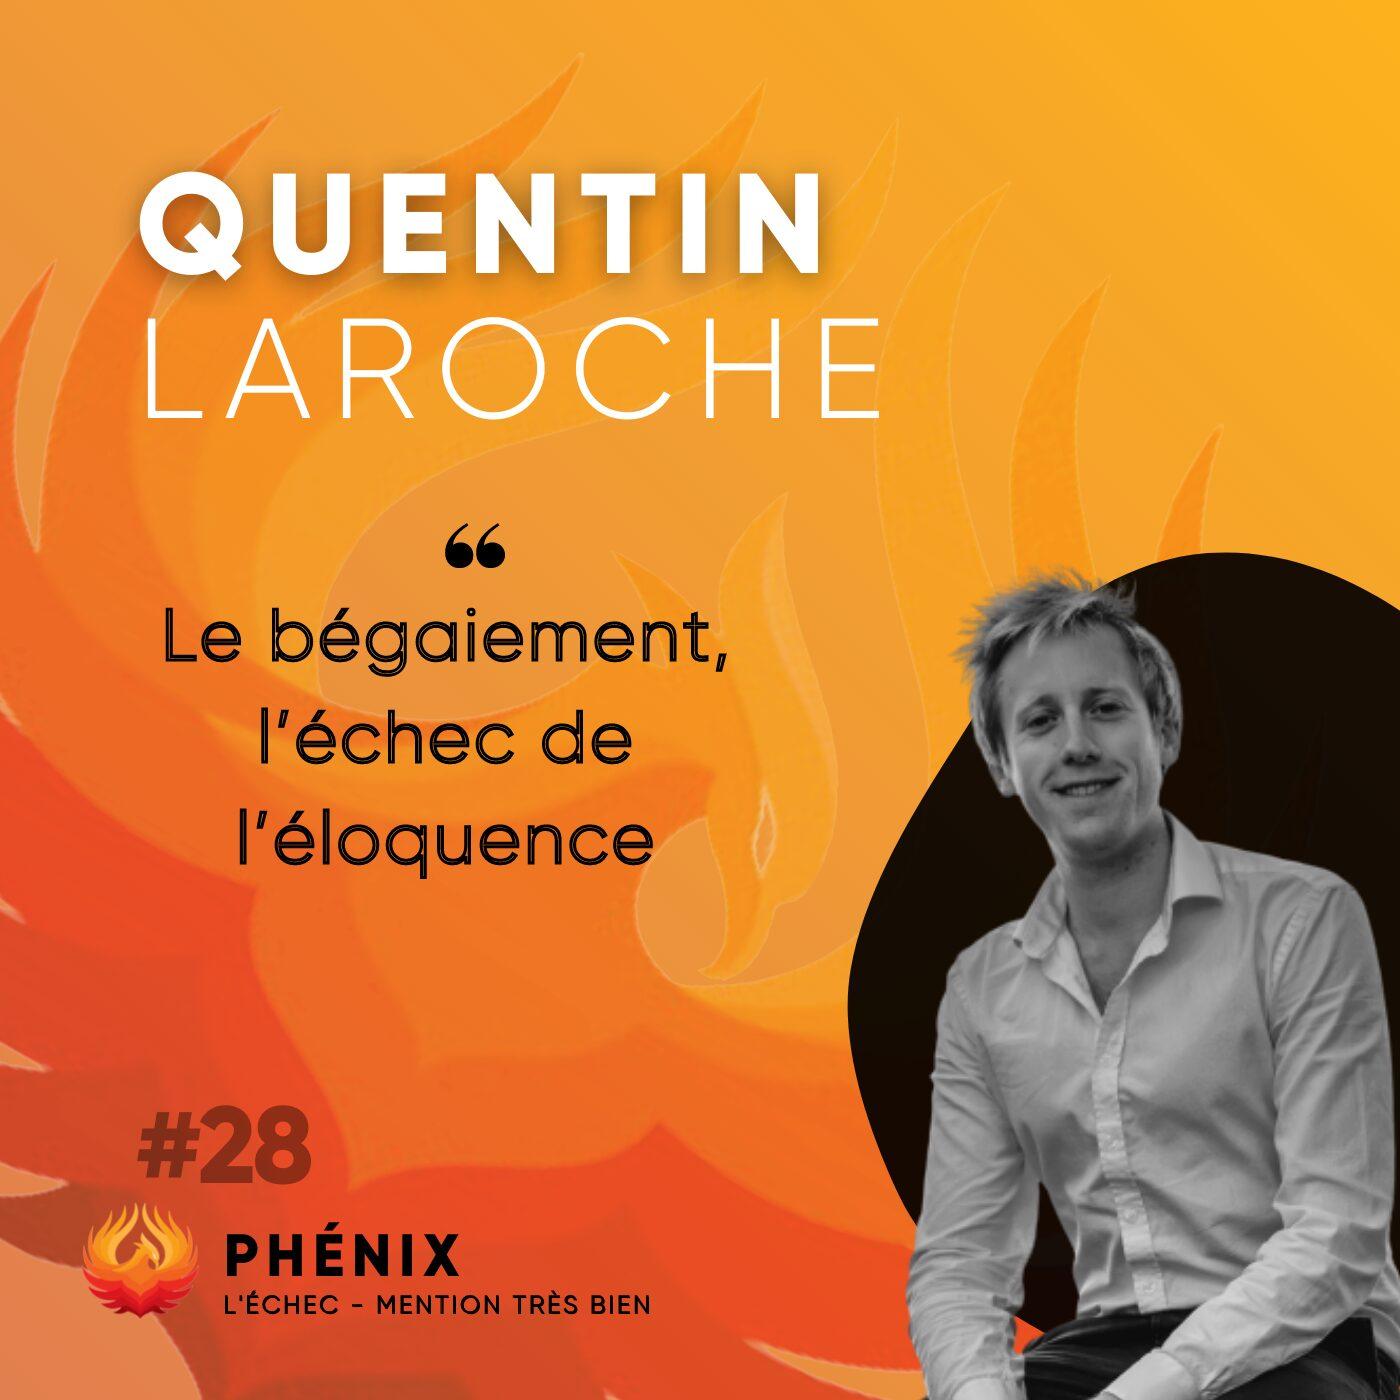 #28 🗣 - Quentin Laroche : Le bégaiement, l'échec de  l'éloquence